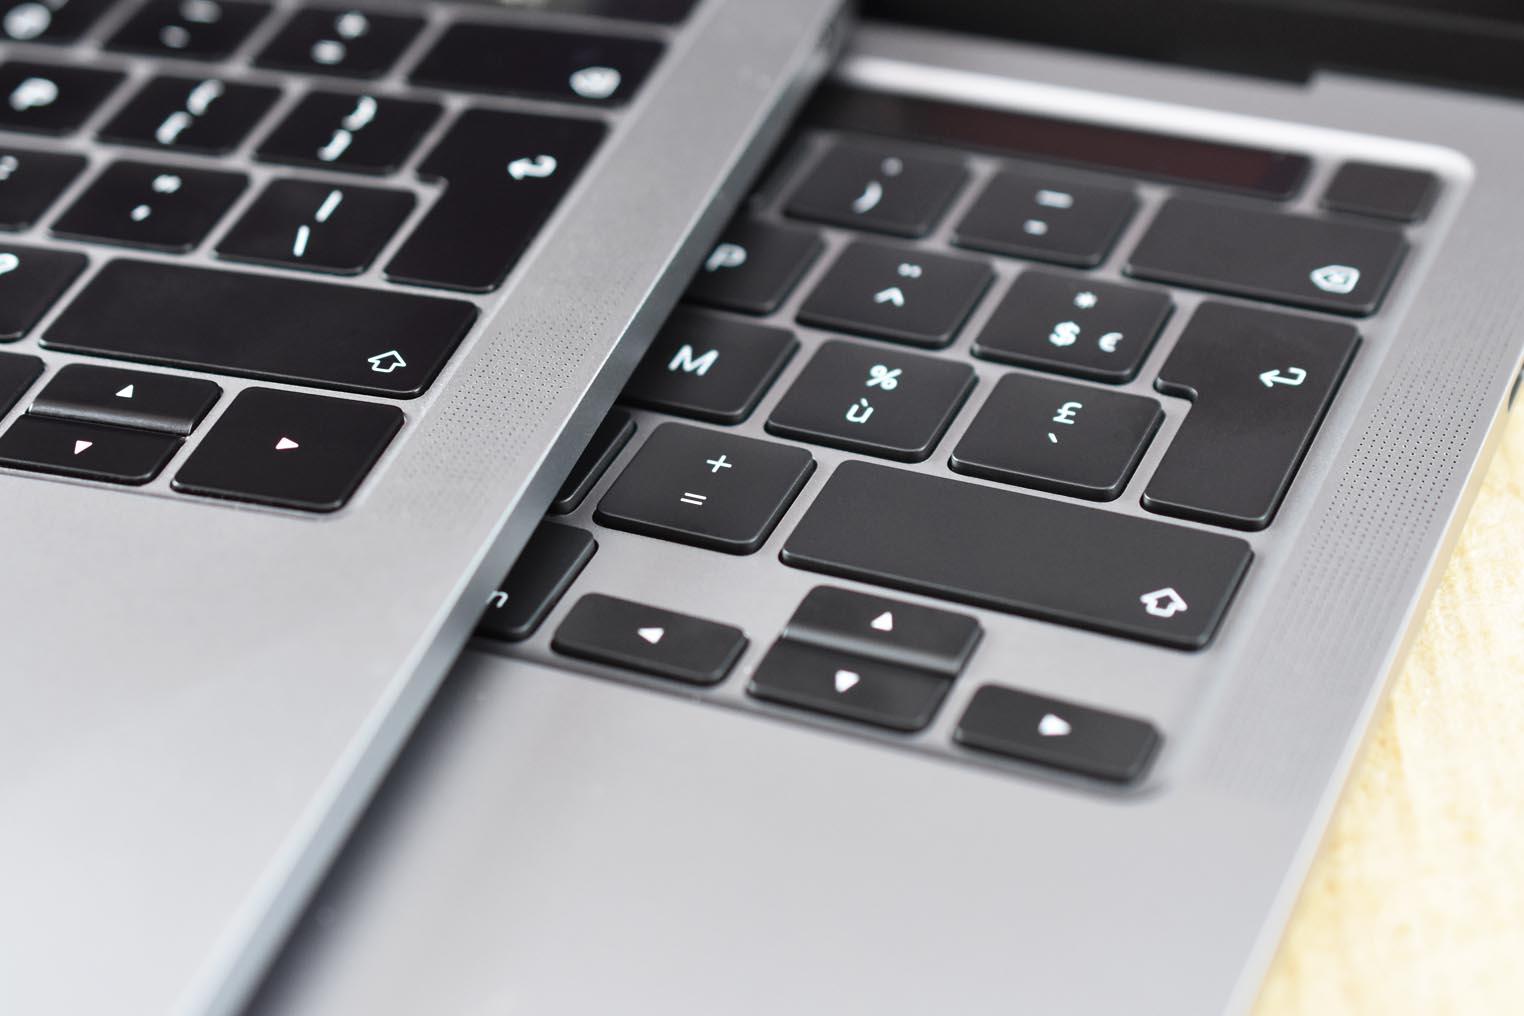 Épaisseur MacBook Pro 13 pouces 2020